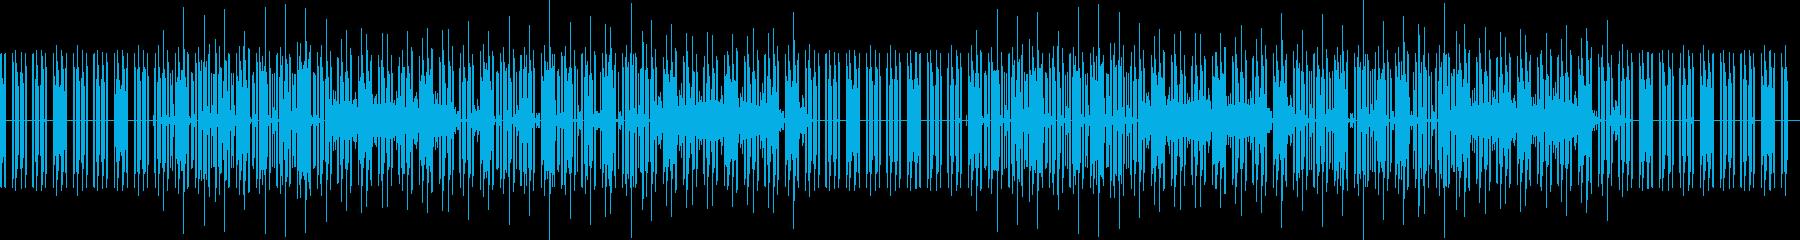 どうぶつのゲーム風な曲(ベースなし)の再生済みの波形